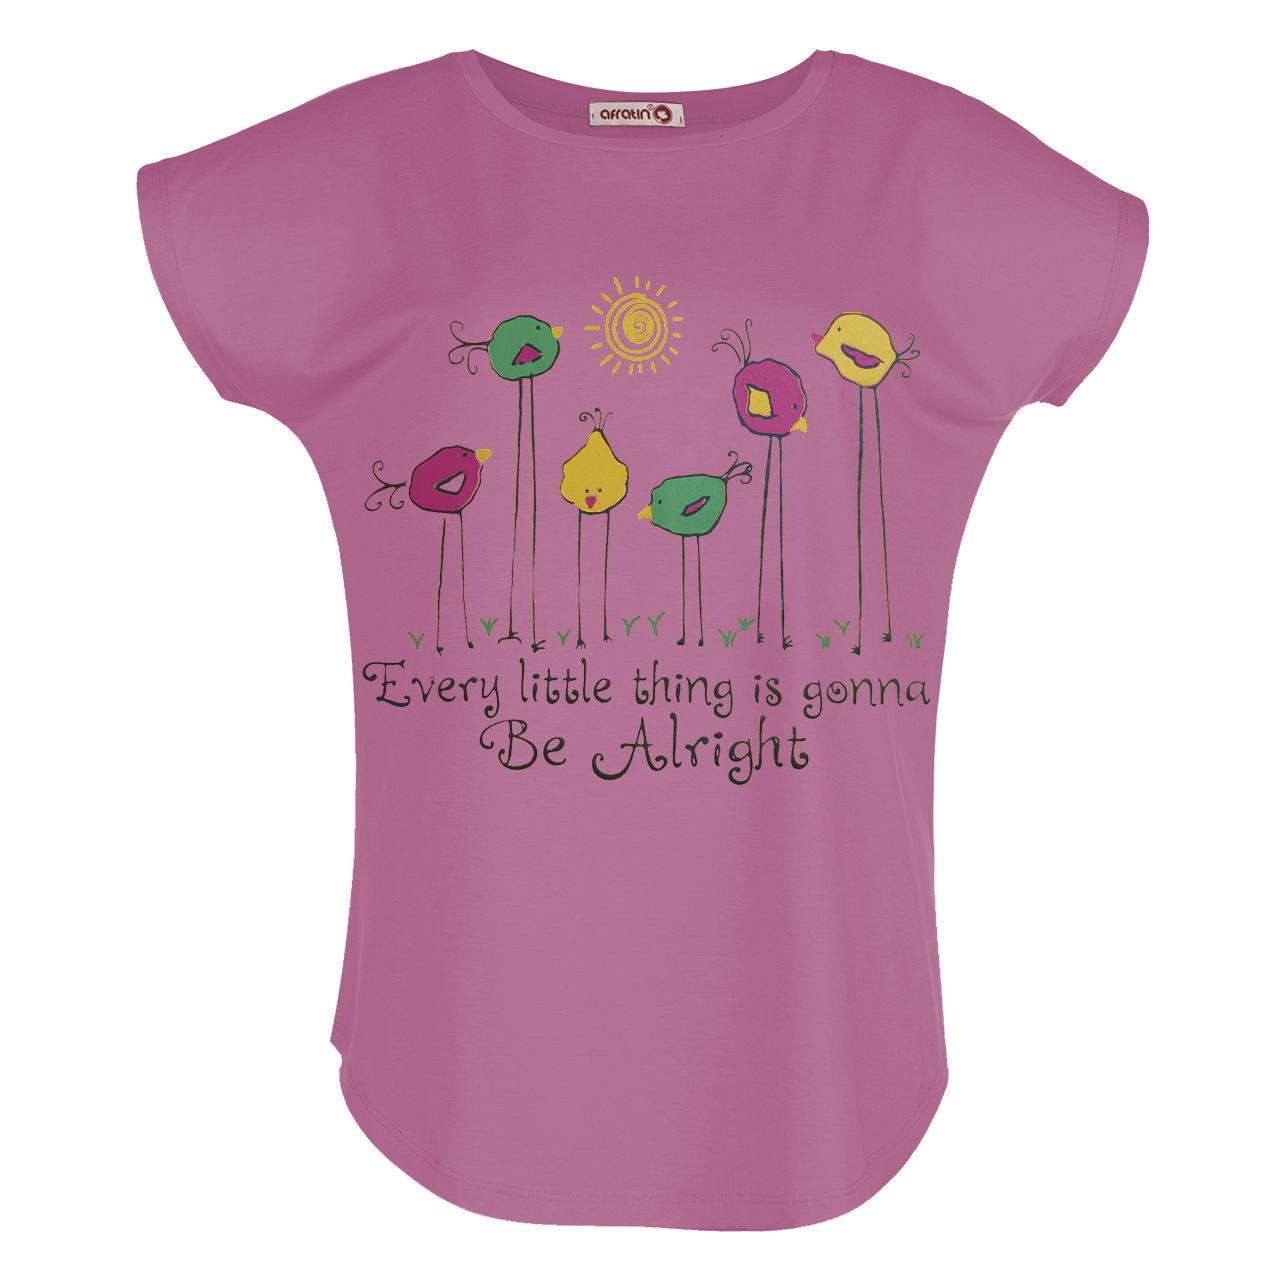 تی شرت زنانه افراتین طرح جوجه کد 2549 رنگ صورتی